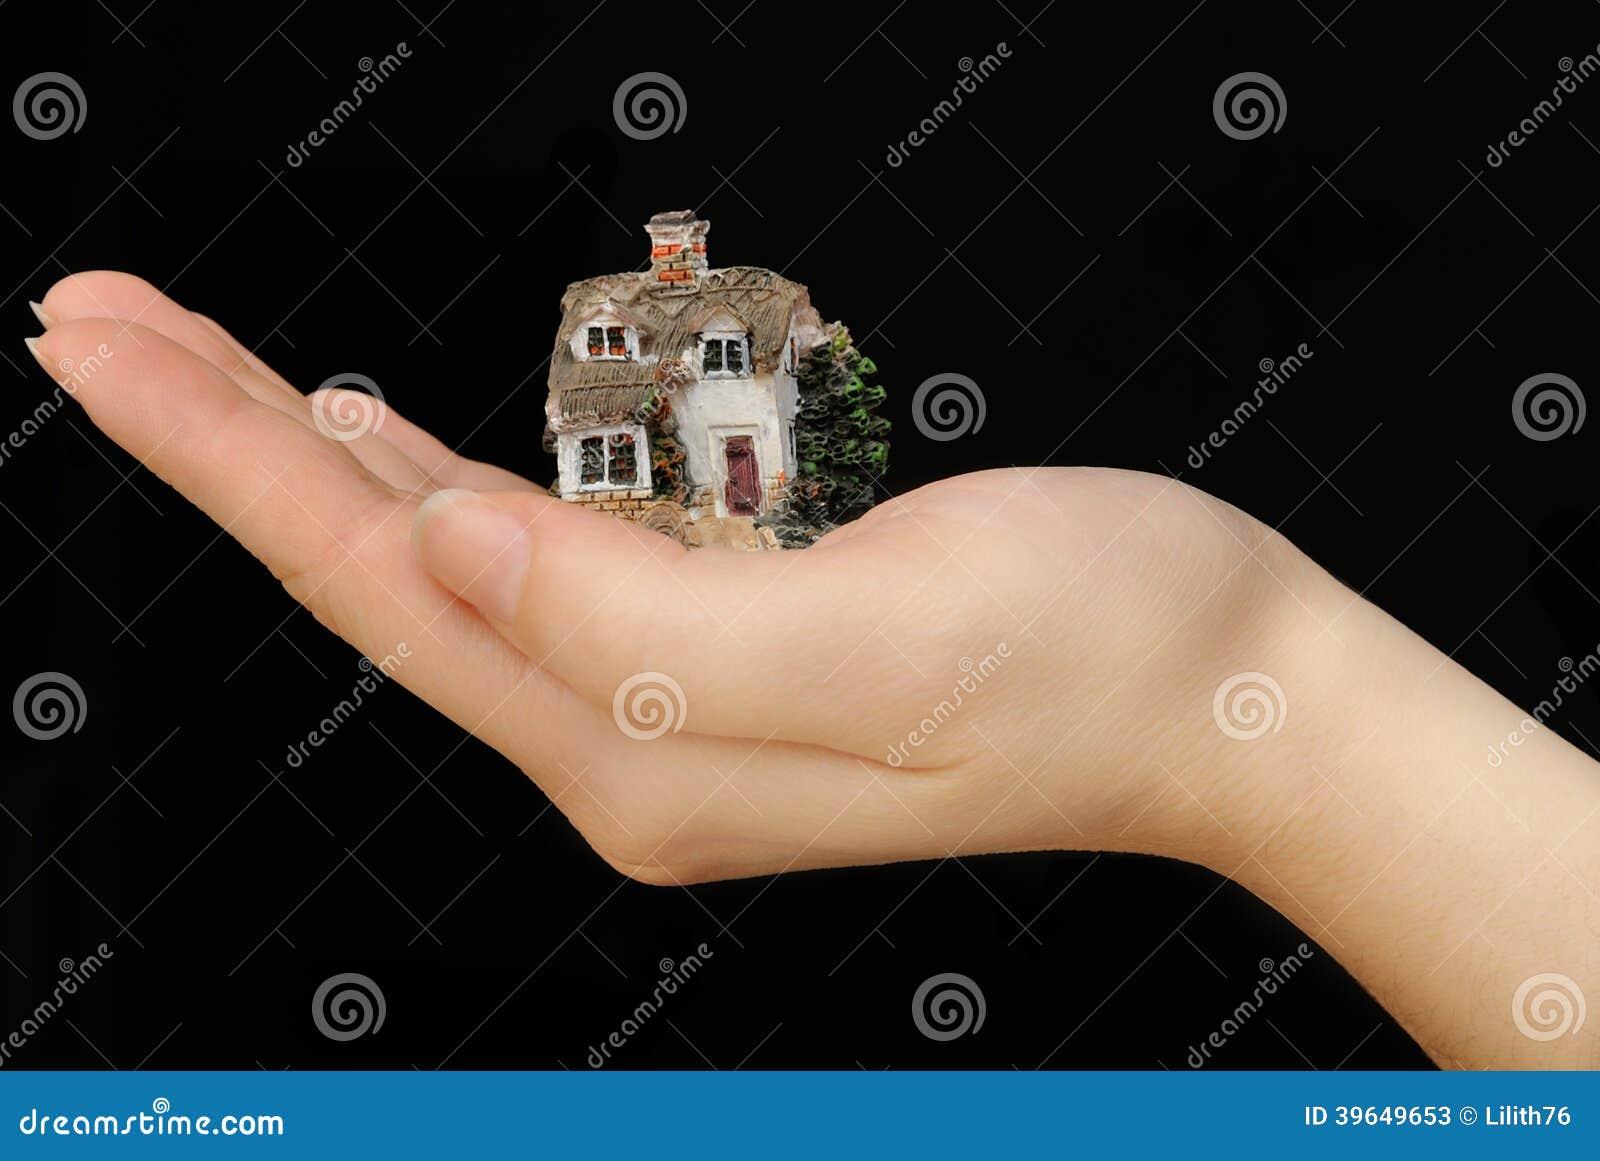 Investeer binnenshuis bezit